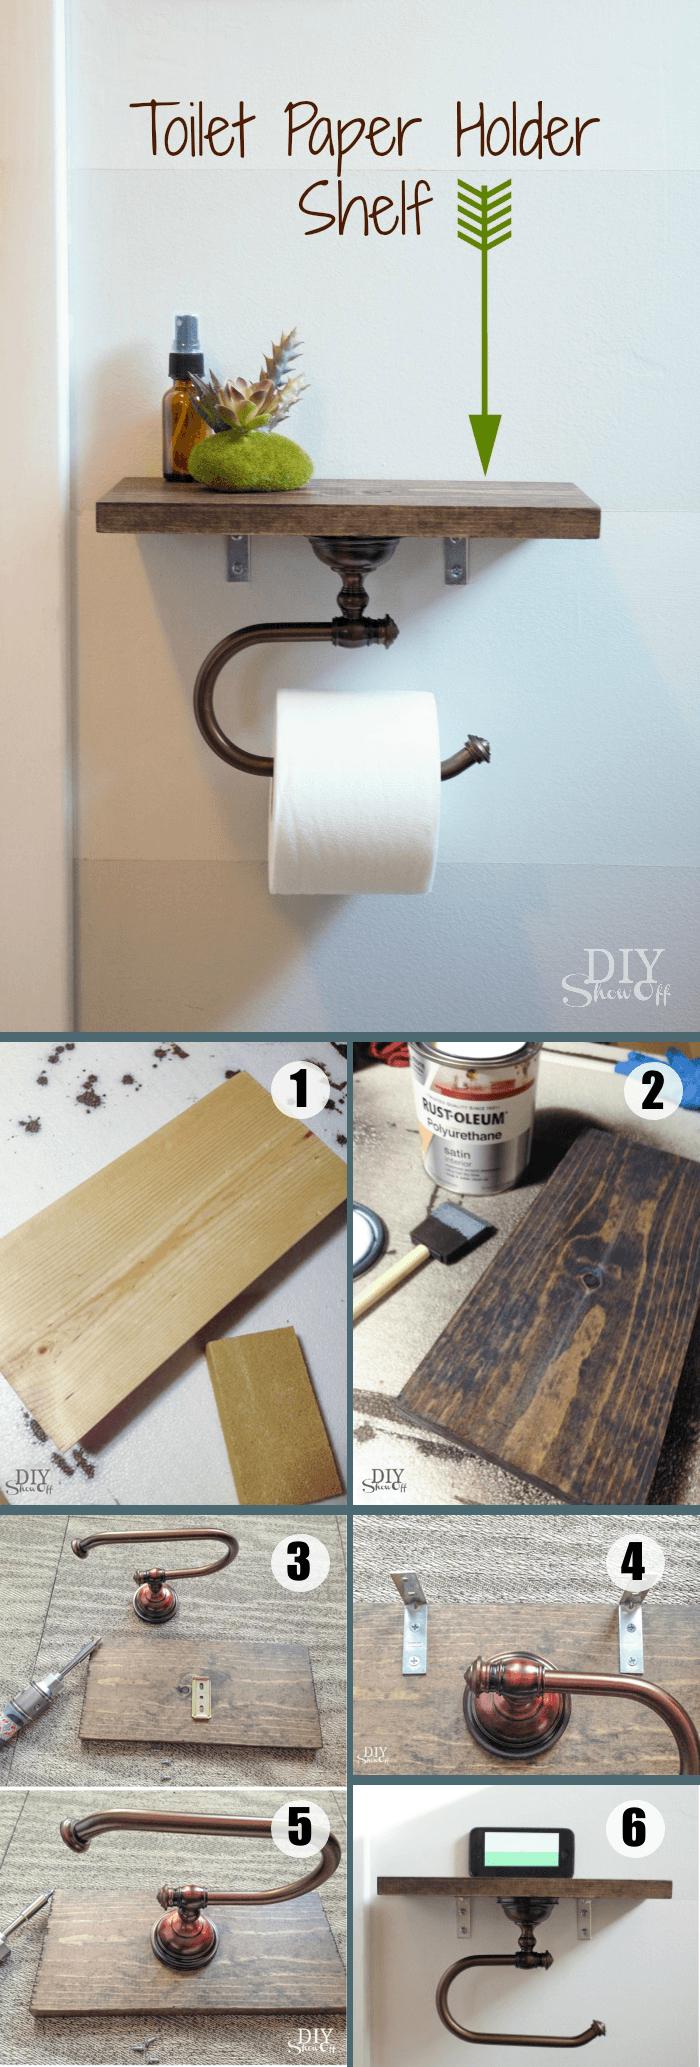 une deco sdb d'esprit récup et industriel à réaliser soi-même, un porte-papier toilette industrielle réalisé en bois et vieux tuyau